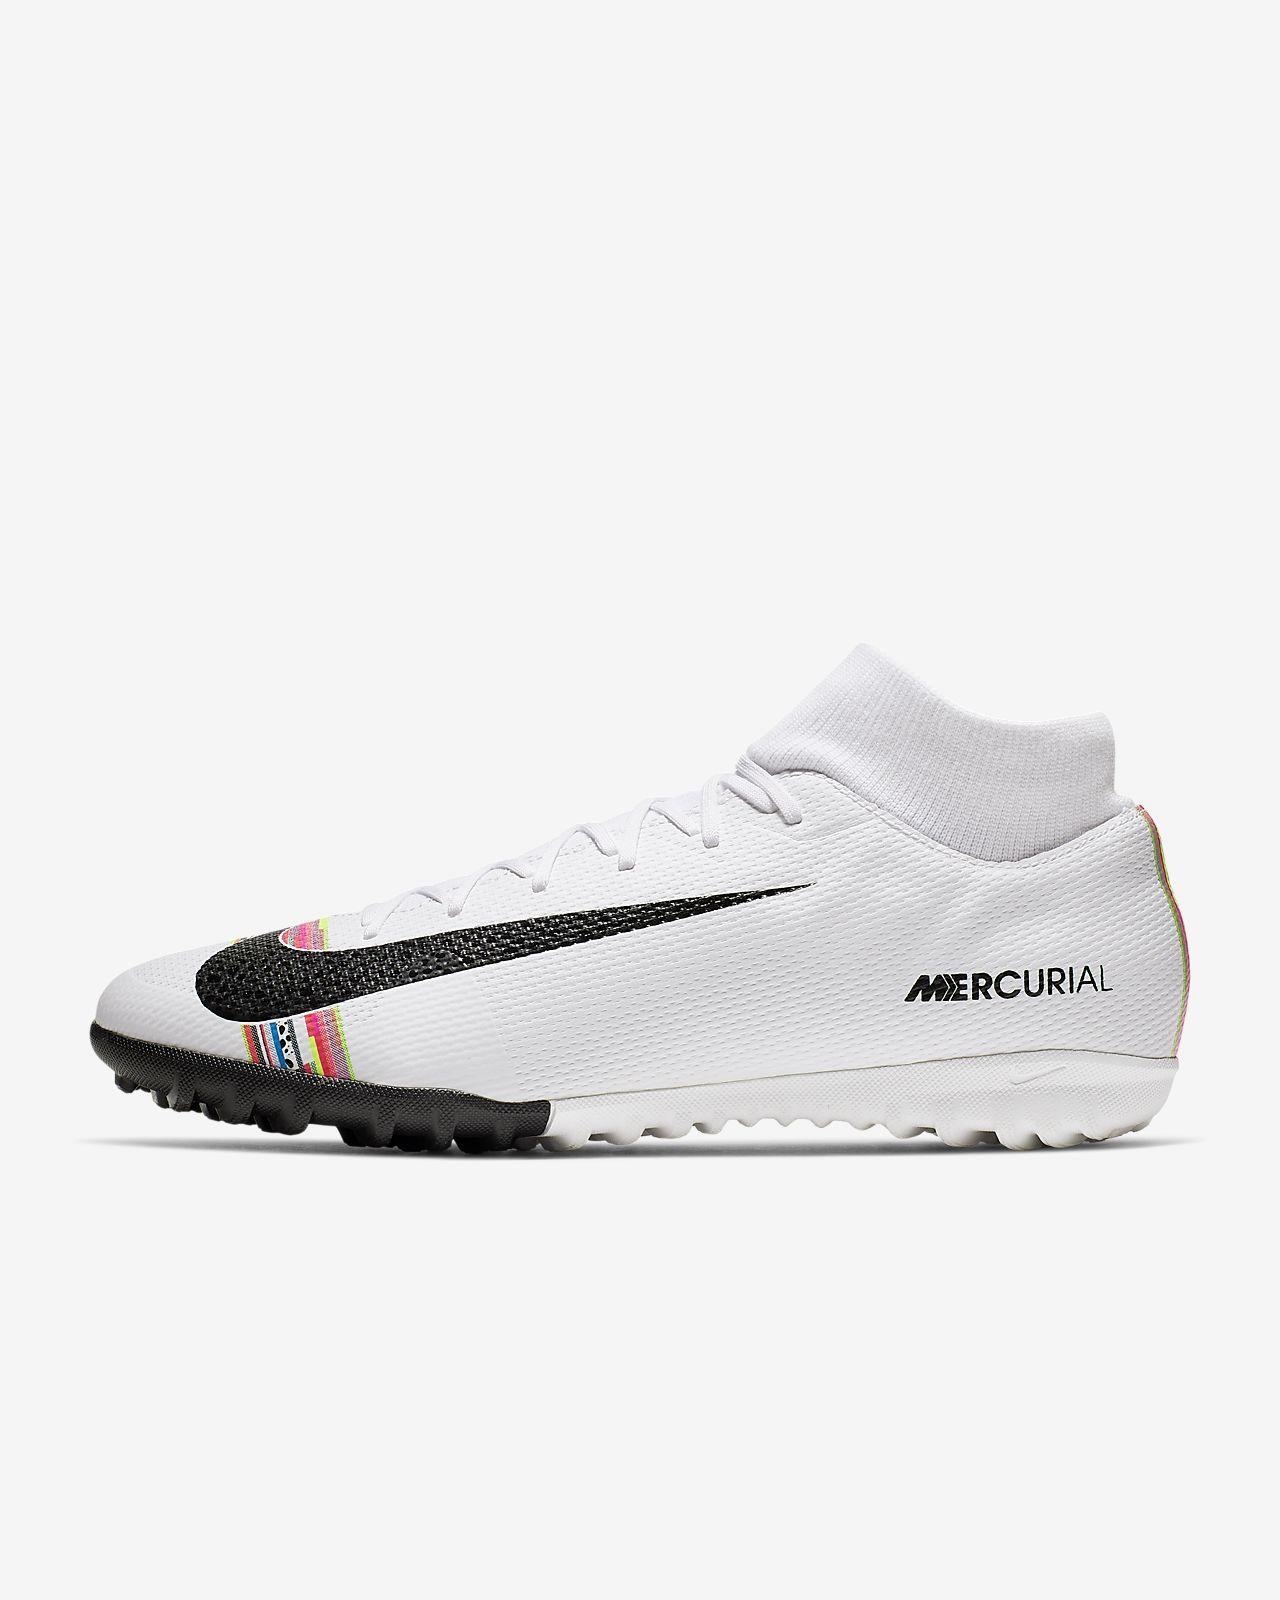 2fce5650c14 ... Sapatilhas de futebol para relvado Nike SuperflyX 6 Academy LVL UP TF